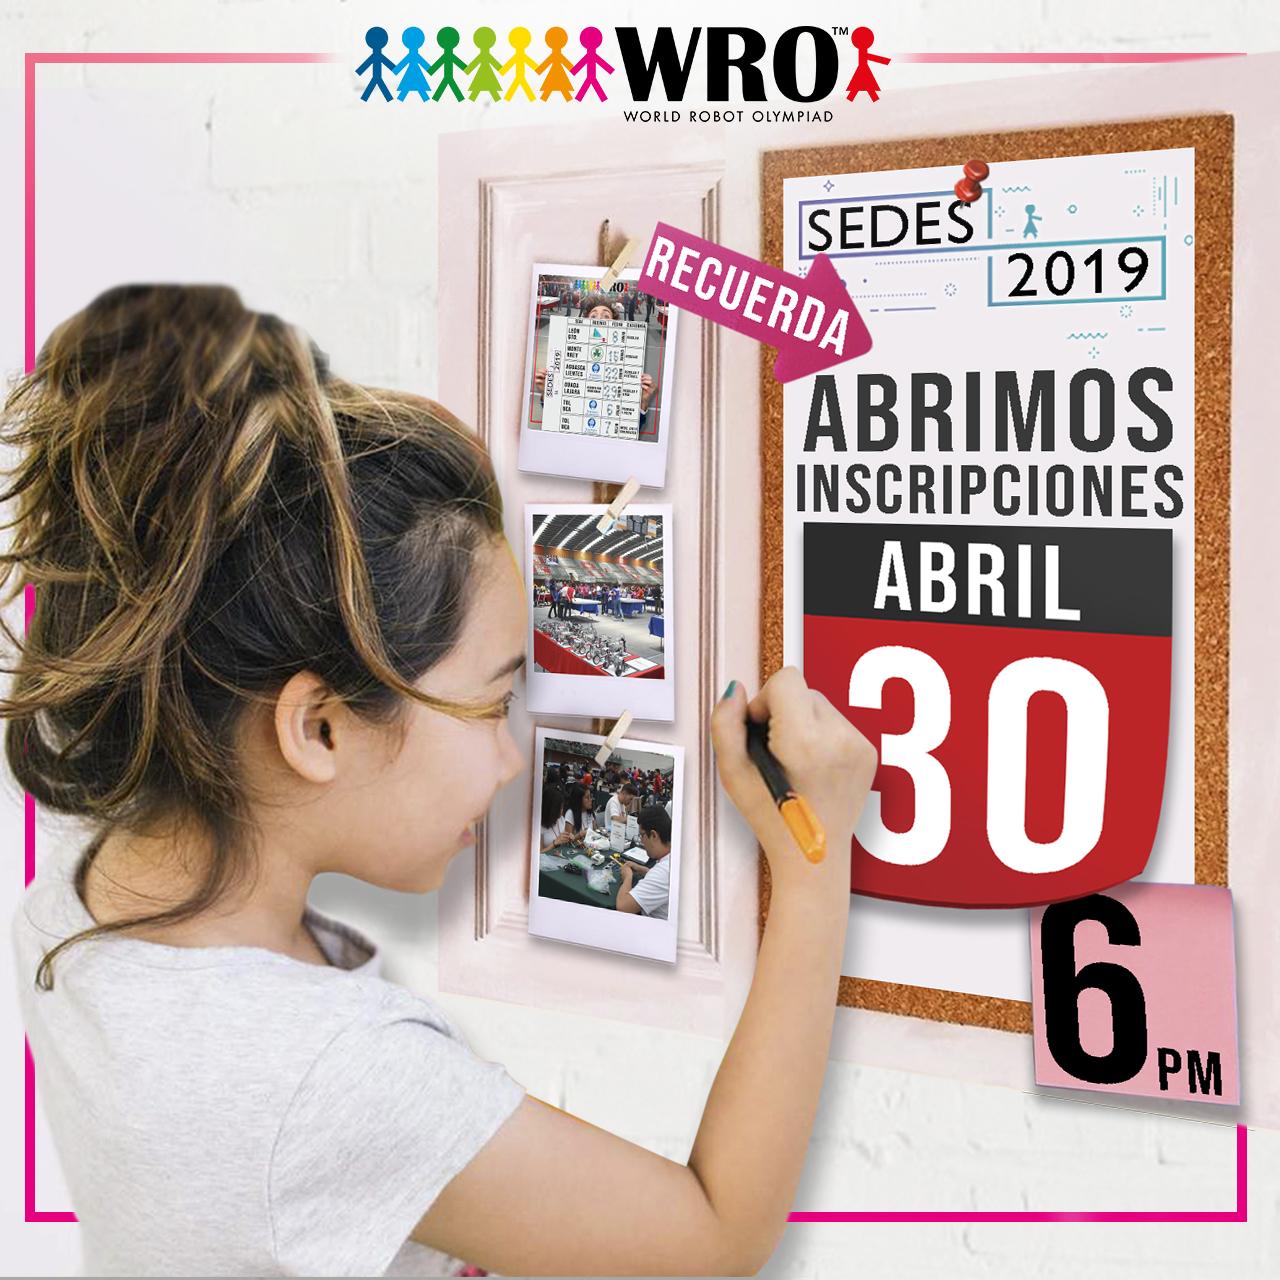 WRO México | Recuerda inscripciones